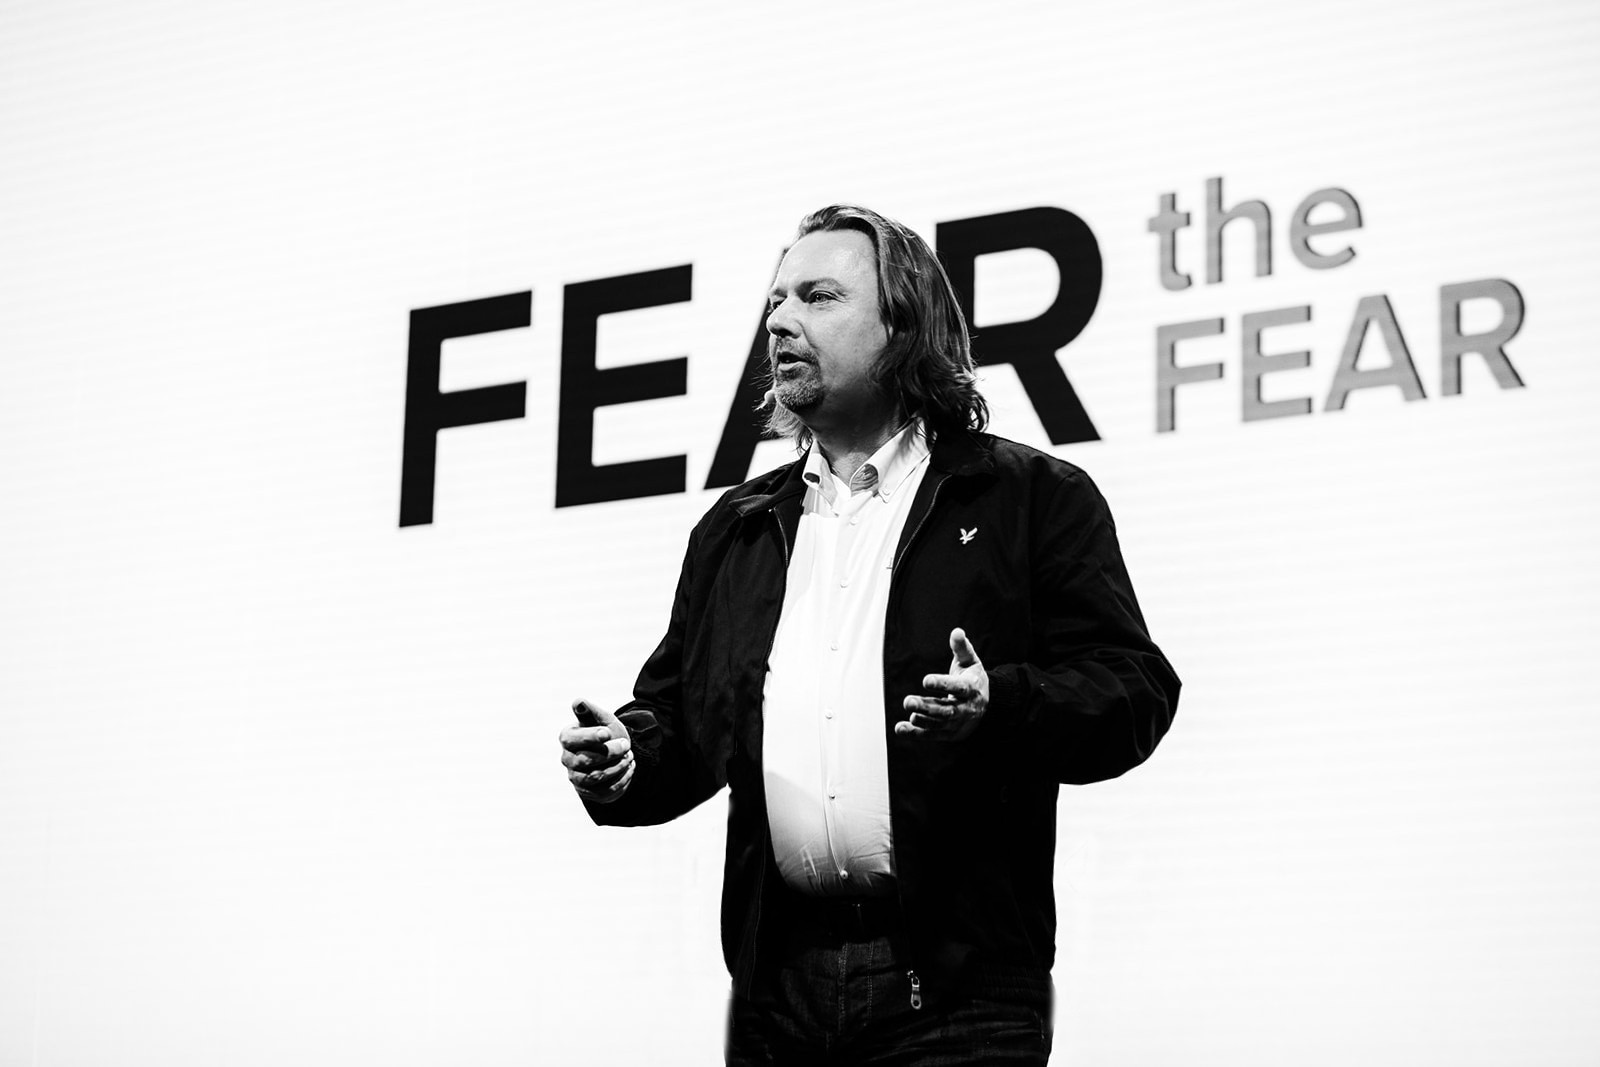 Fear The Fear